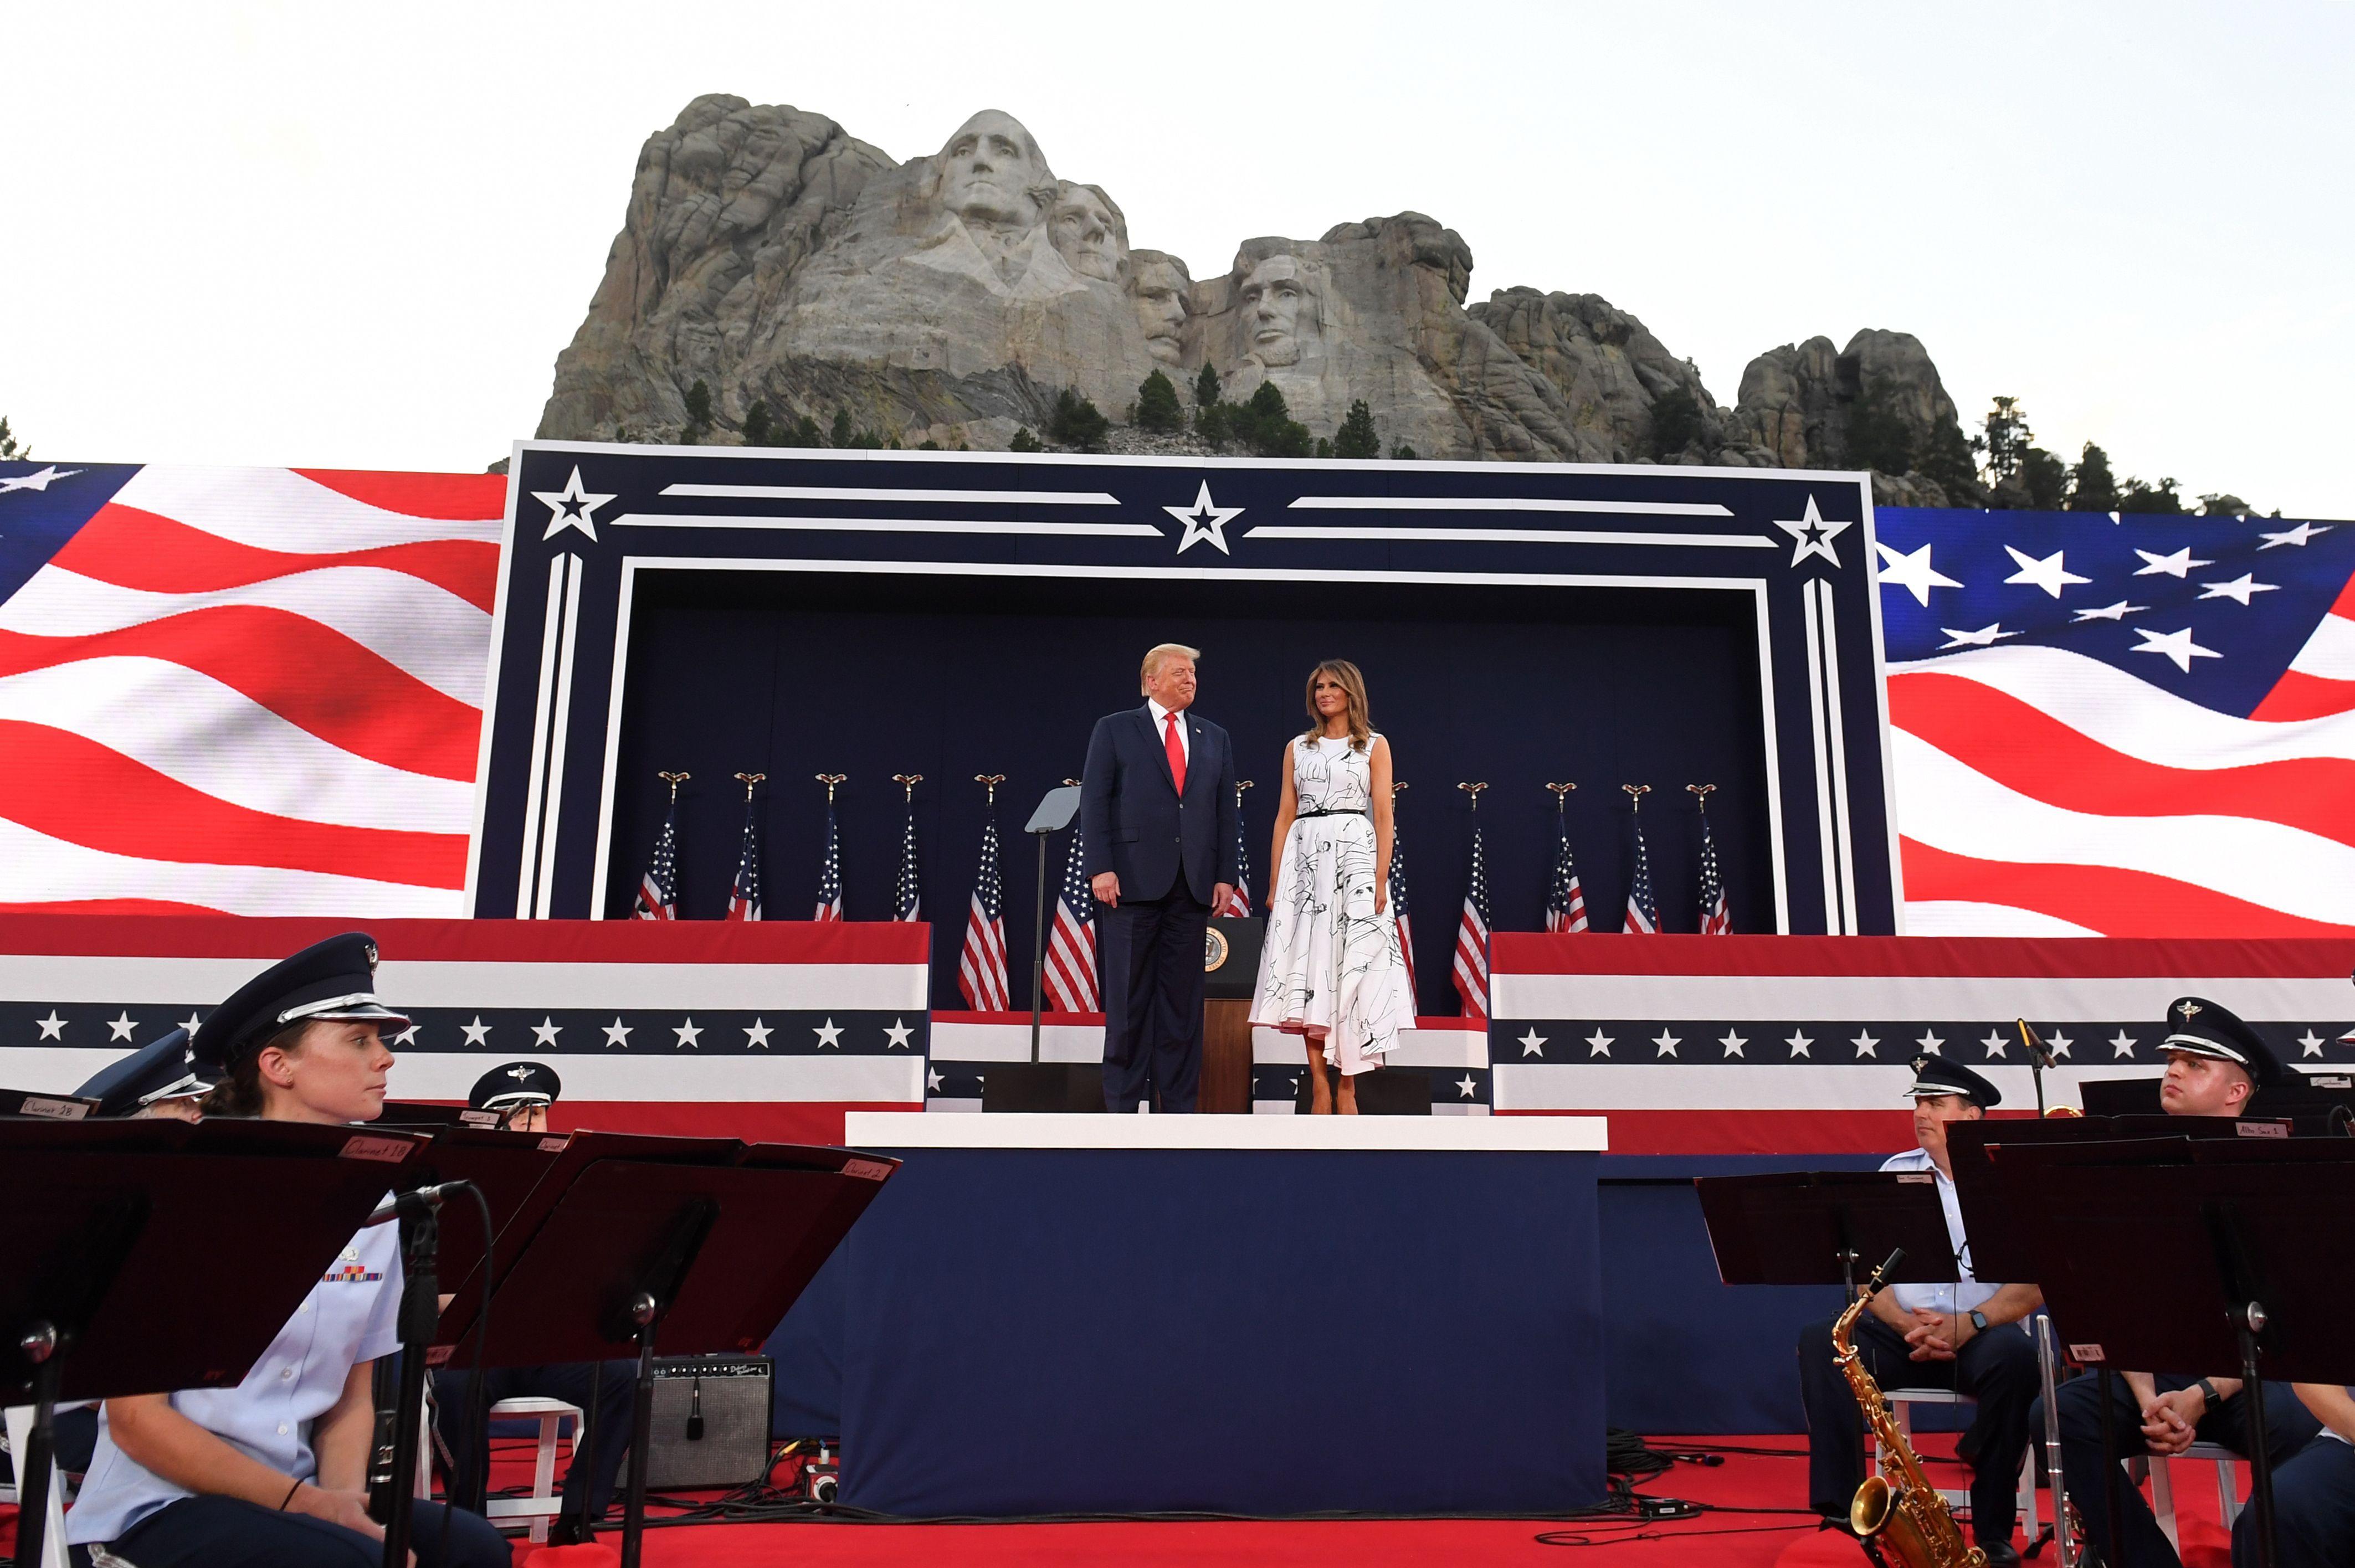 【直播】獨立日前夕 特朗普在總統山演講